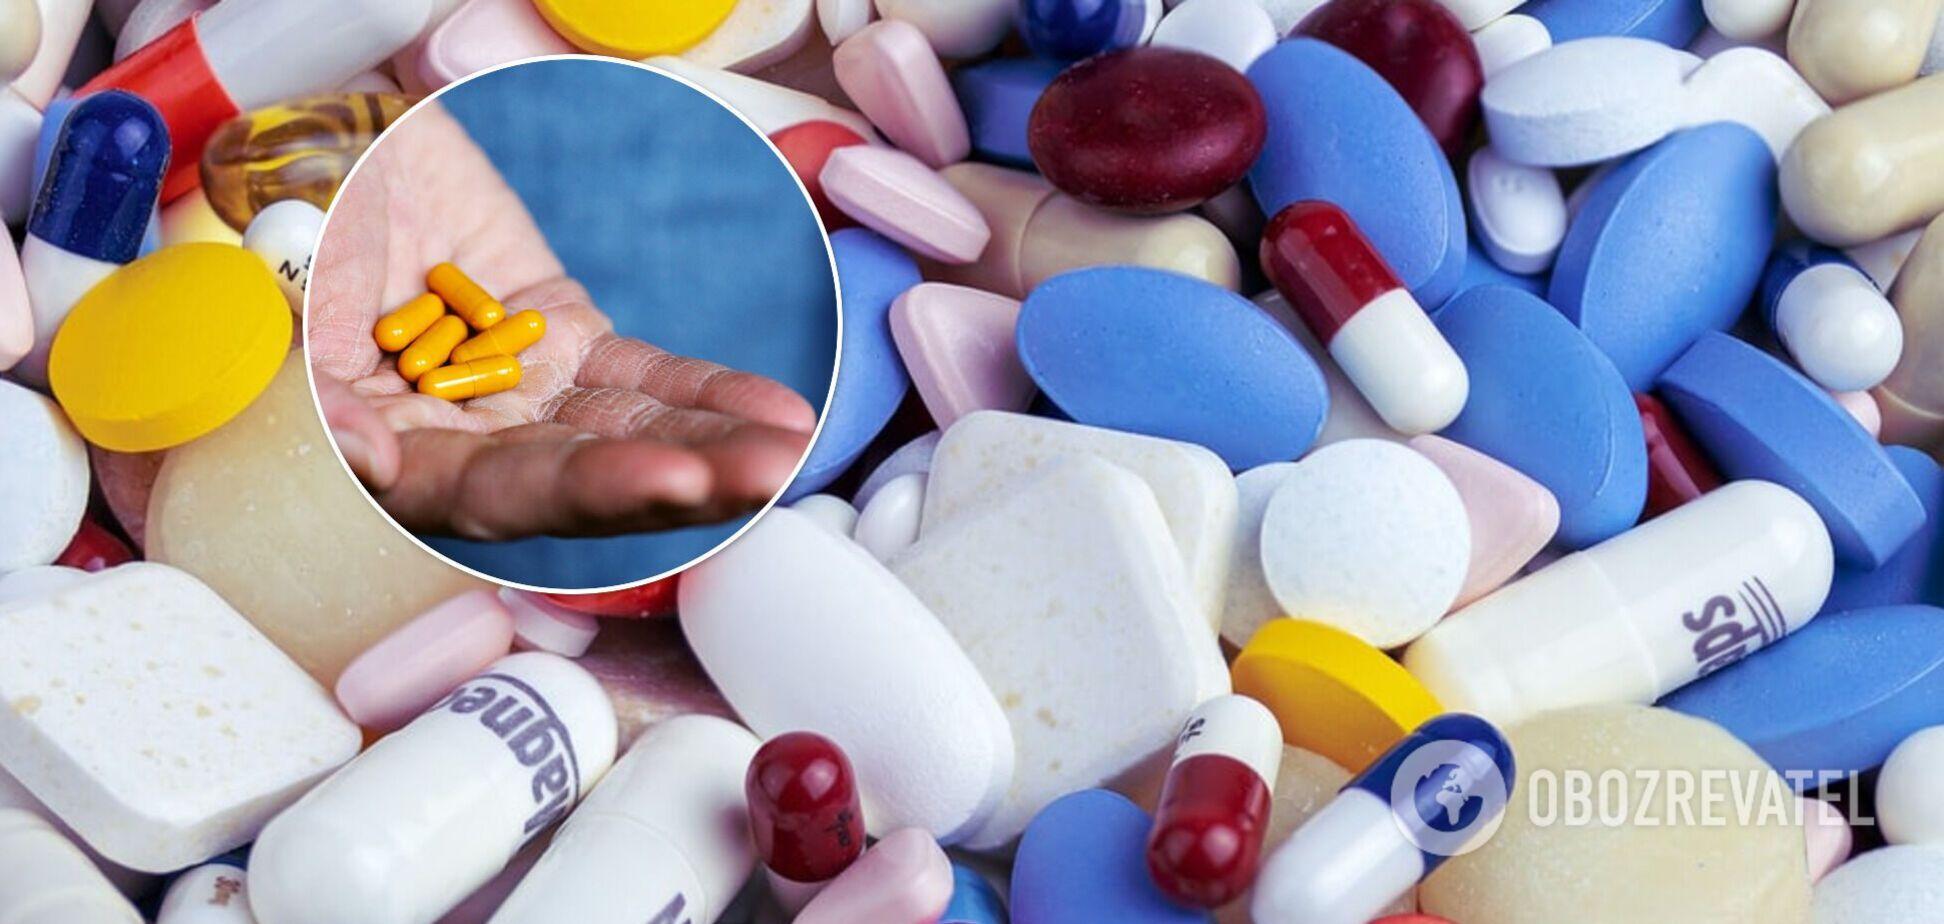 Чому не можна зловживати вітамінами і чим це може загрожувати: лікарі дали відповідь